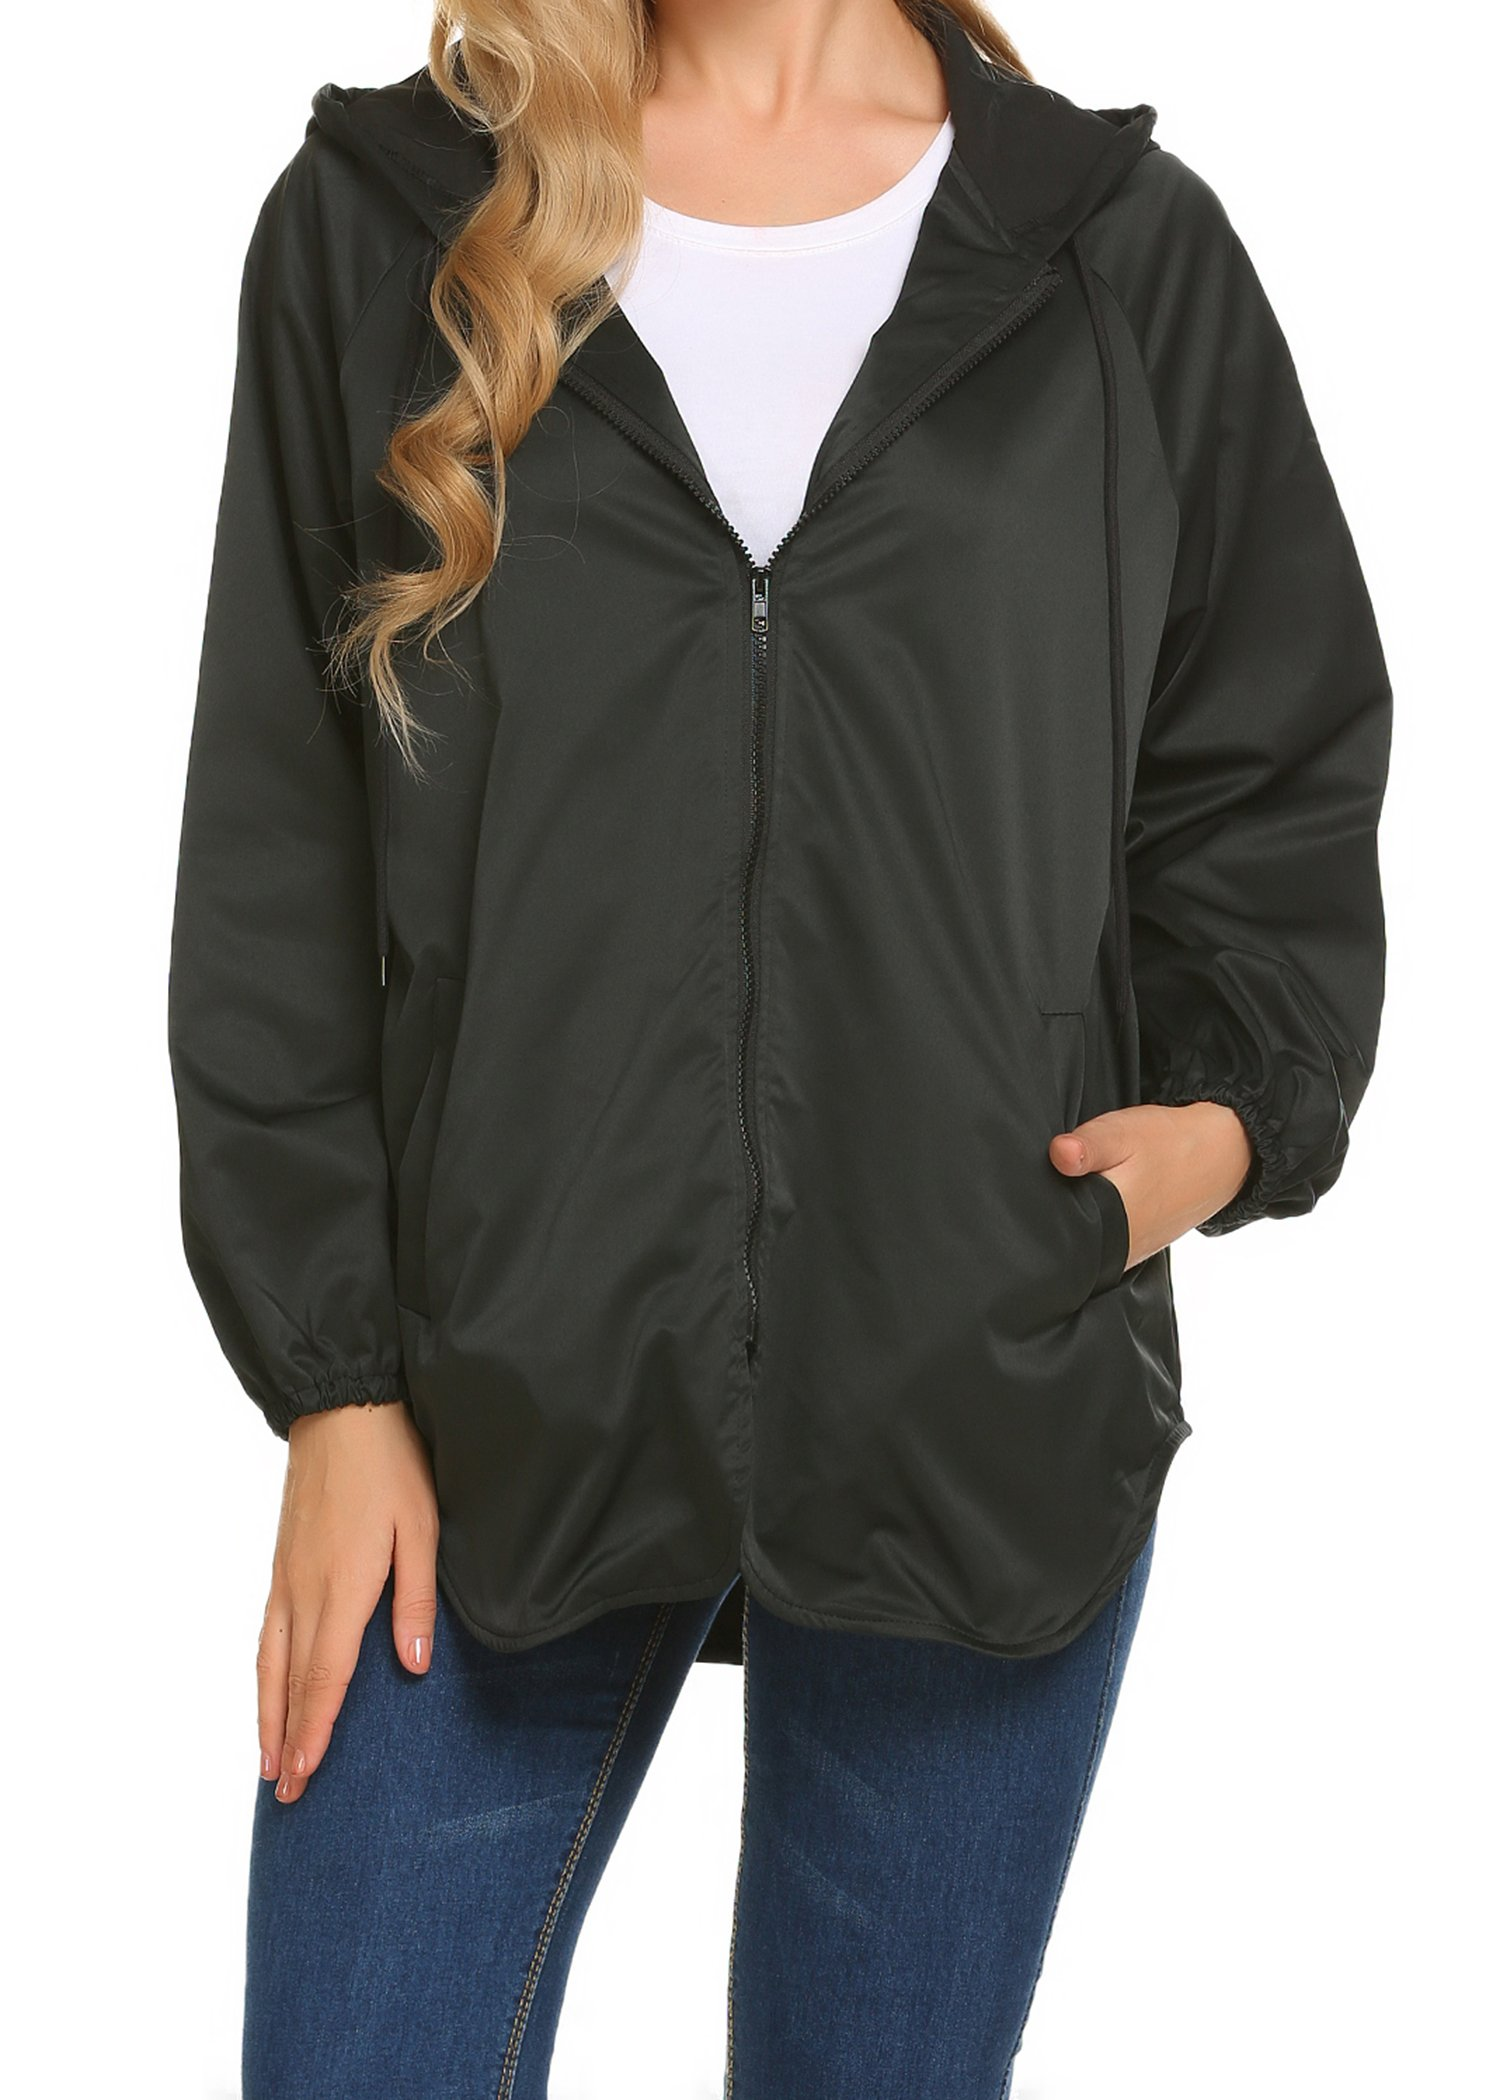 SummerRio Women's Waterproof Front-Zip Lightweight Hoodie Hiking Outdoor Raincoat Jacket(F+Black,XX-Large)